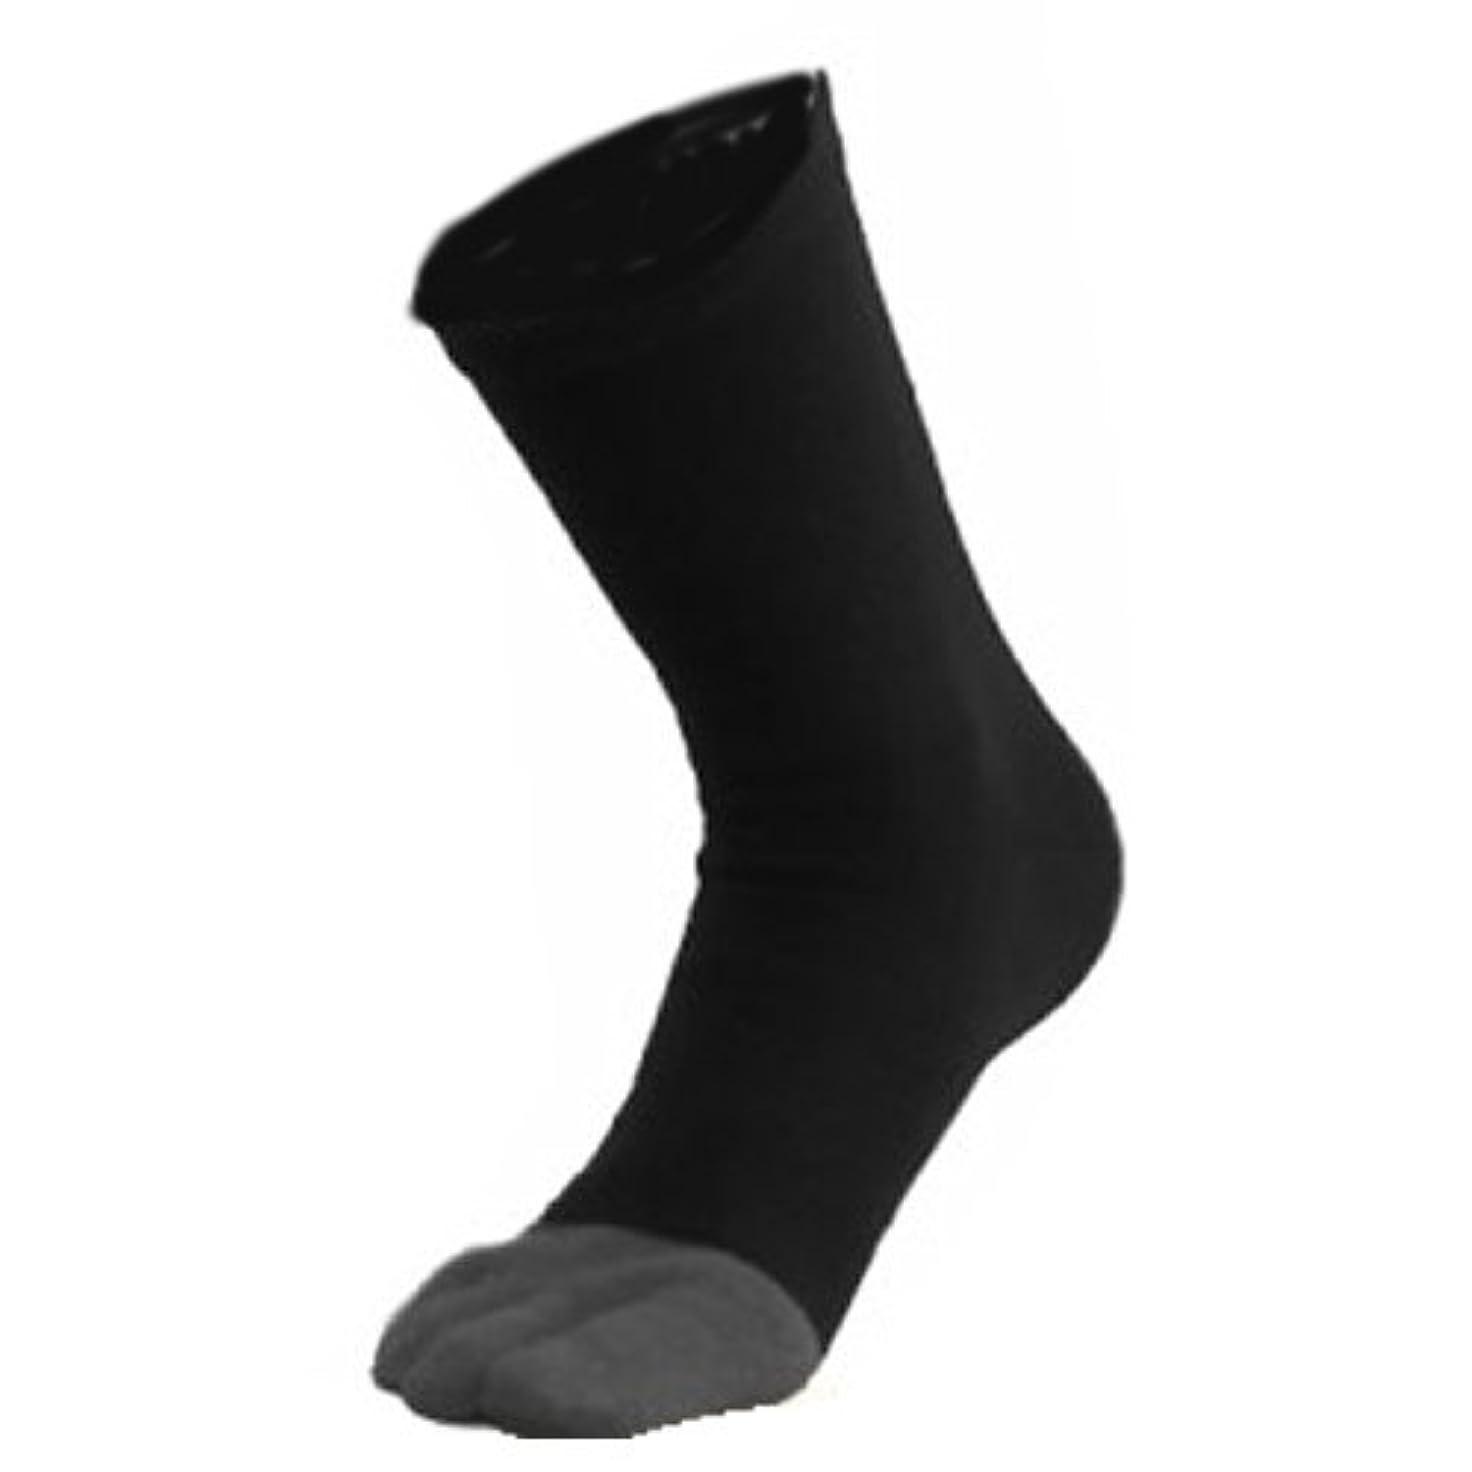 パラダイスボランティア外向き指先まであったか靴下 ブラック×チャコールグレー